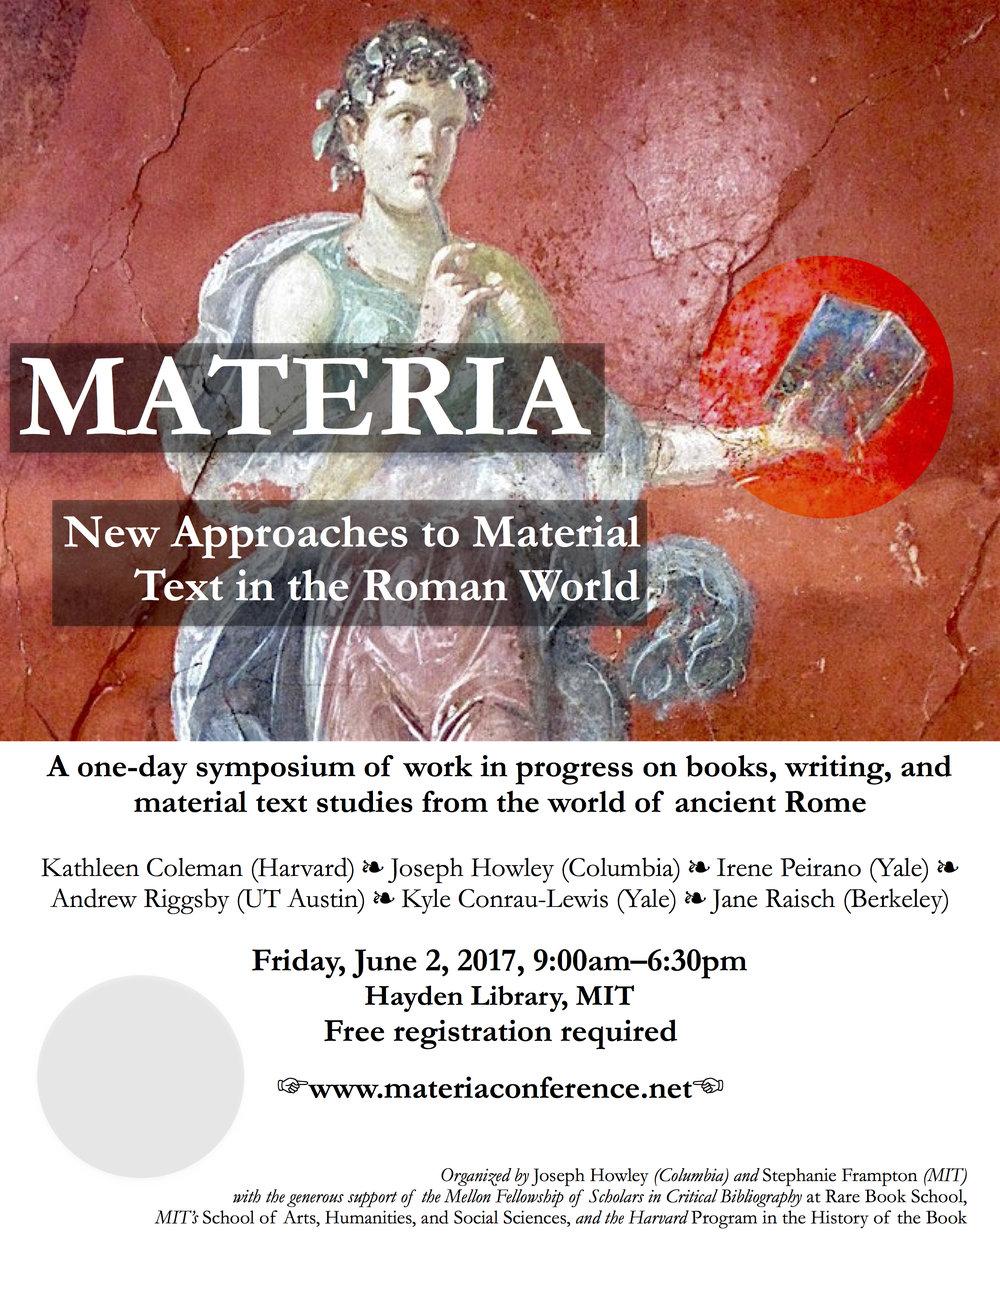 Materia 2017 poster.jpg